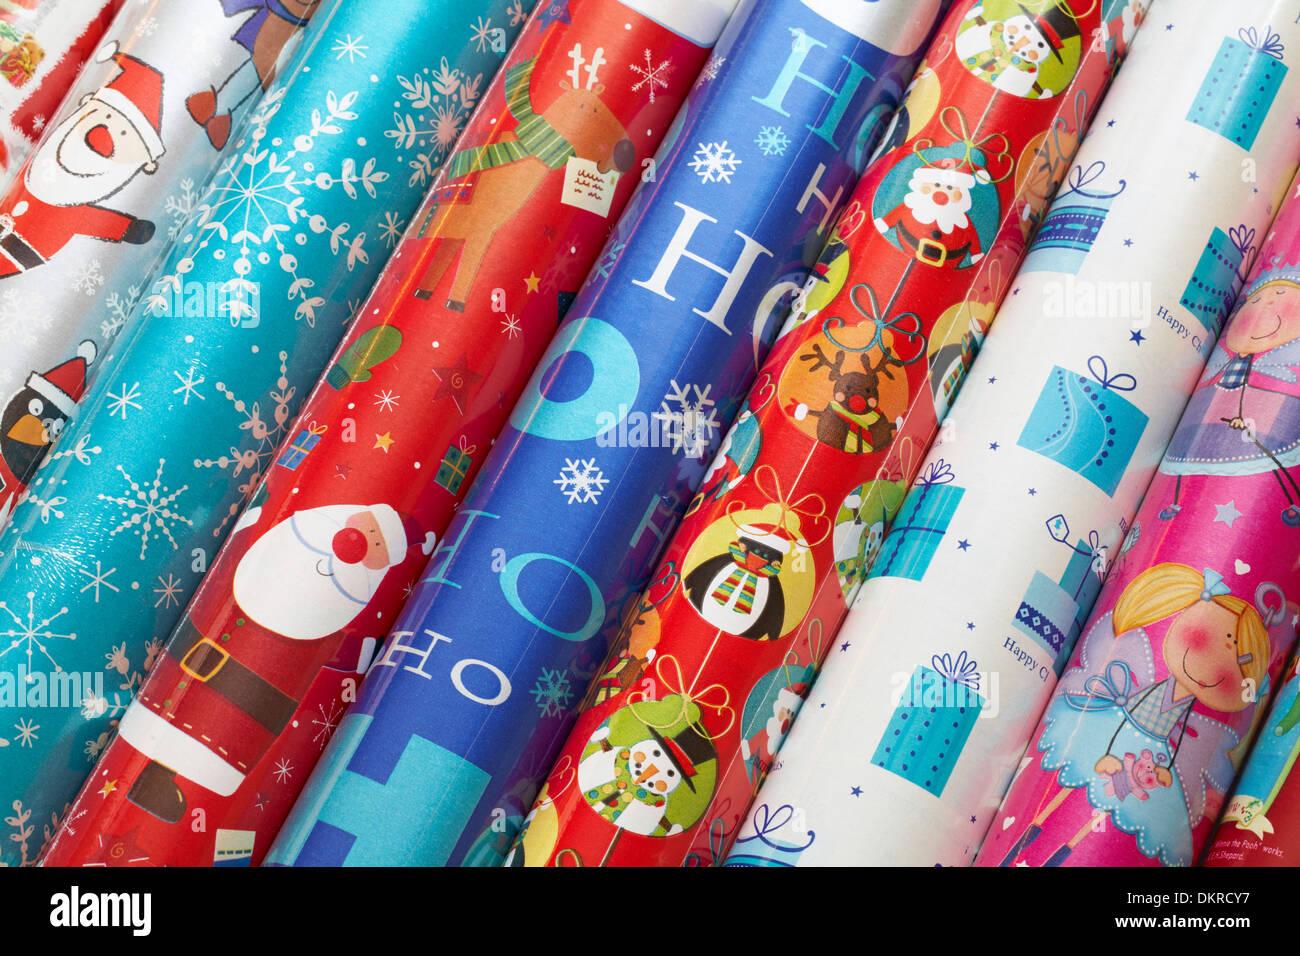 Rouleaux de papier d'emballage de Noël prêt pour l'emballage des cadeaux de Noël Photo Stock